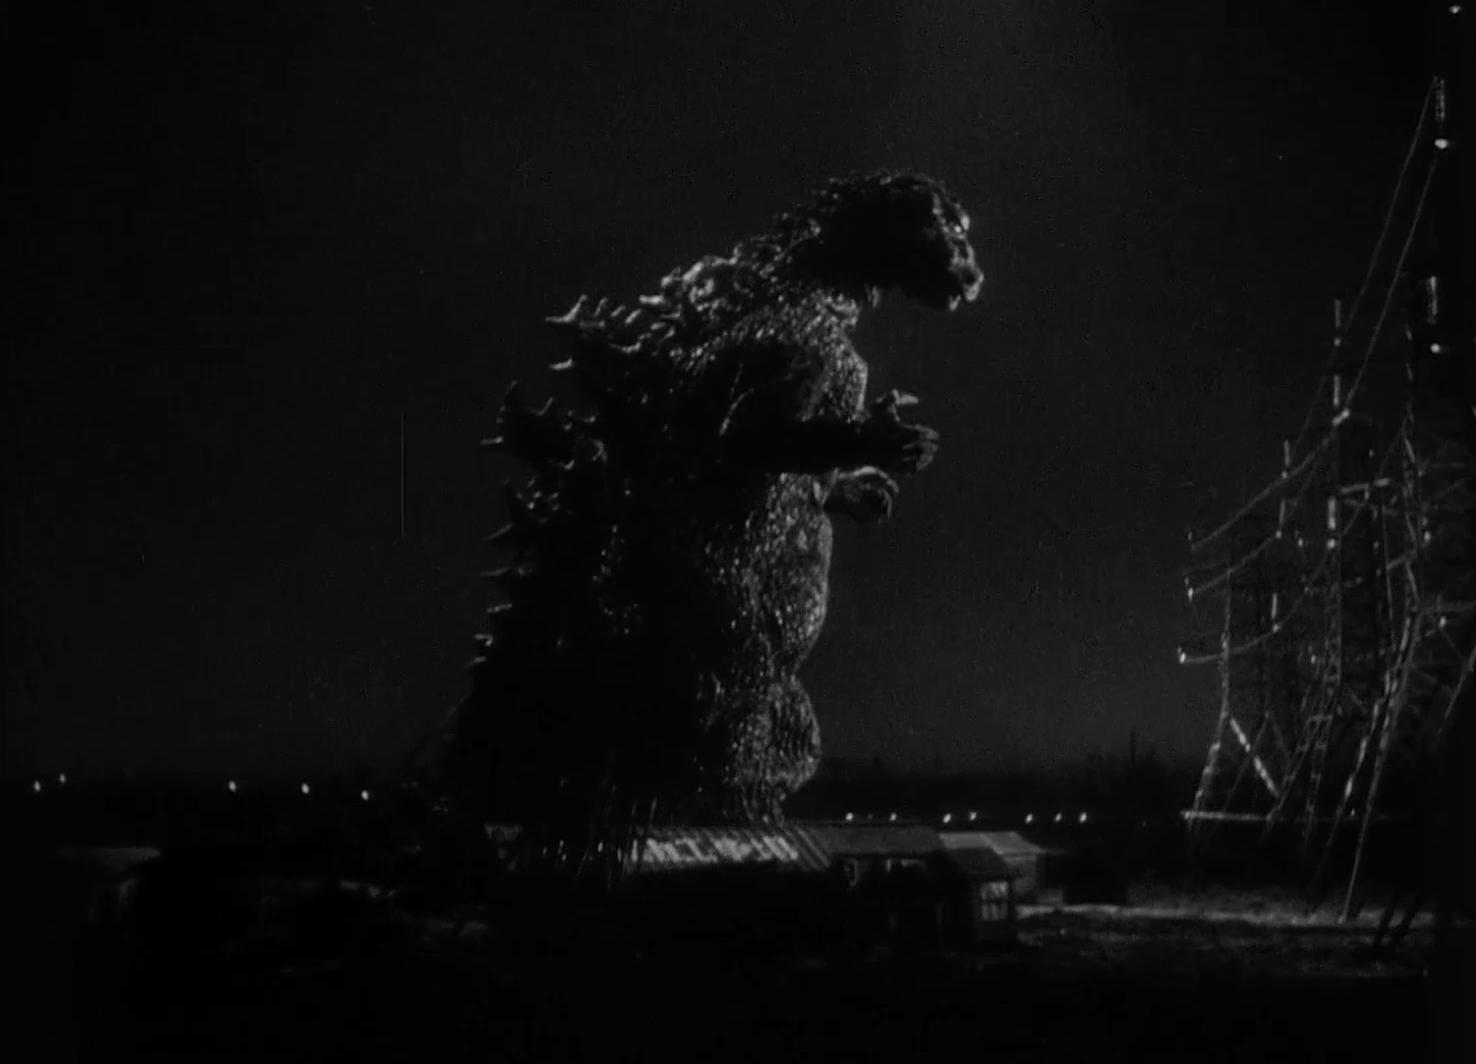 ゴジラ (架空の怪獣)